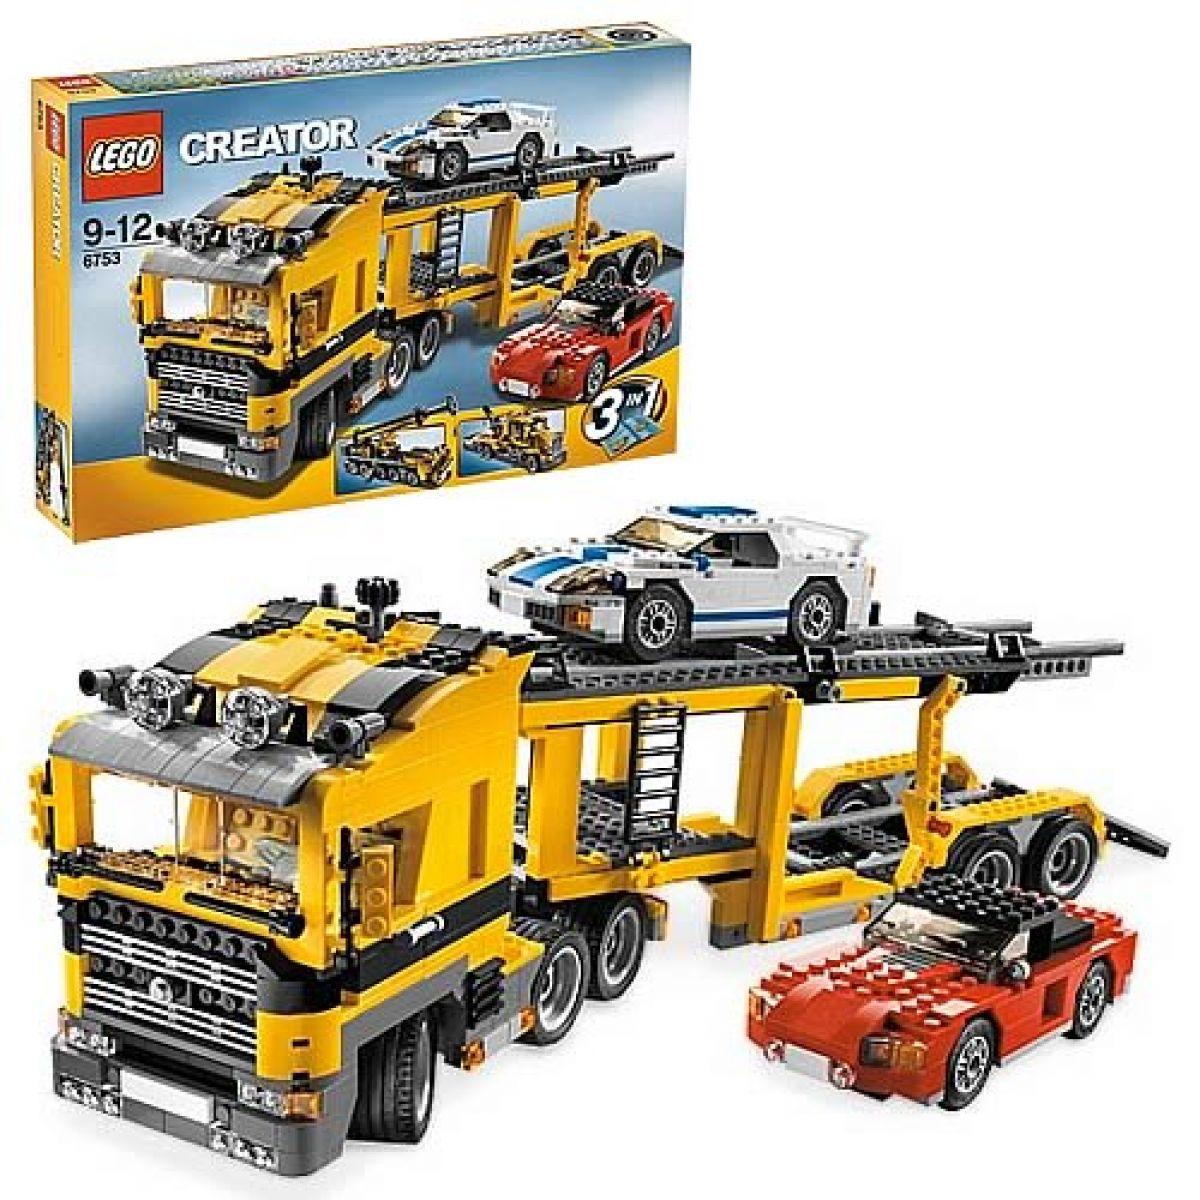 LEGO Creator 6753 Dálniční přeprava